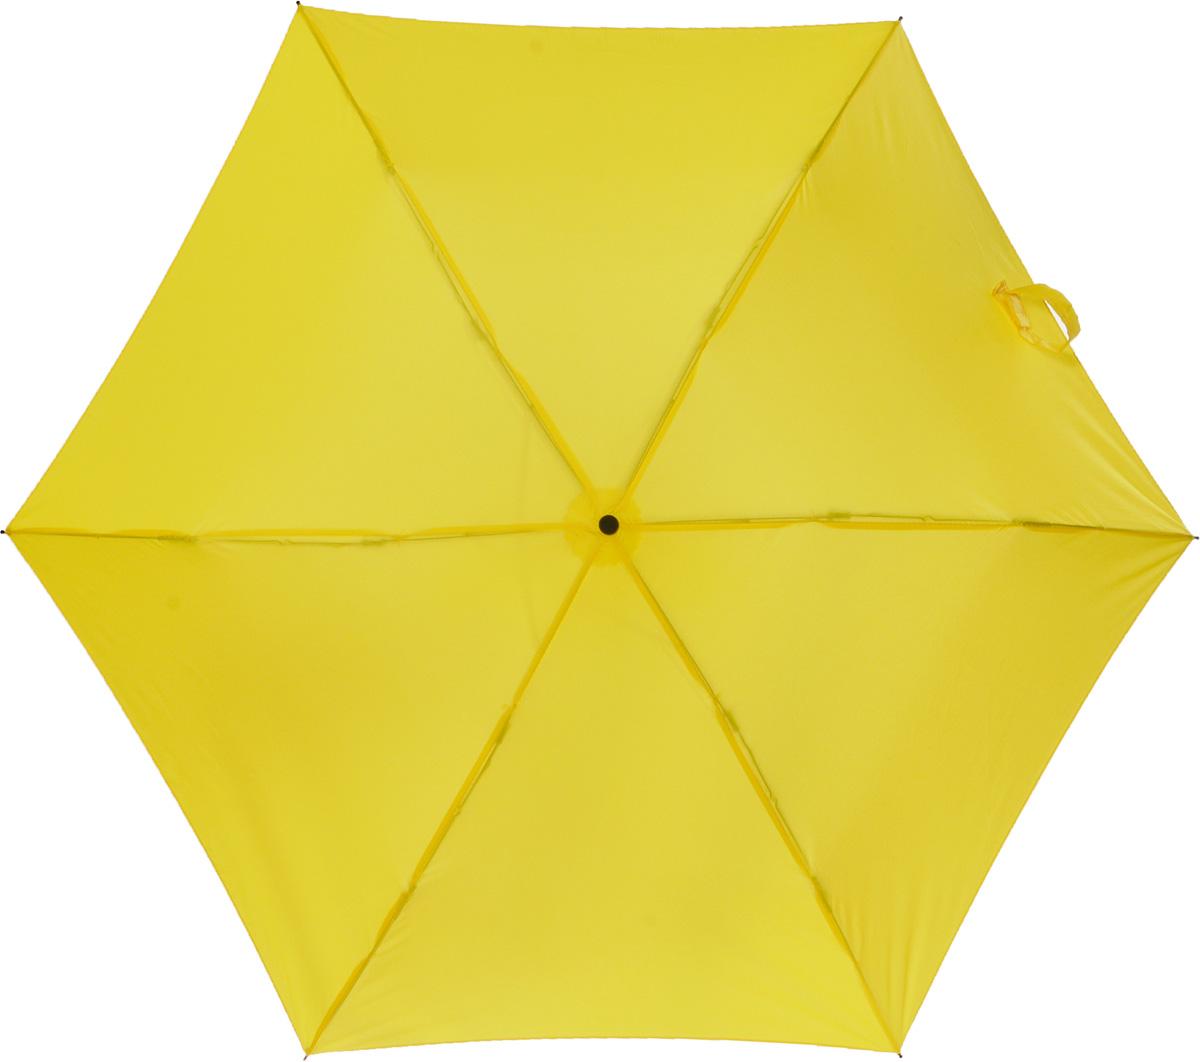 Зонт женский Эврика Банан, механика, 2 сложения, цвет: желтый. 95276Пуссеты (гвоздики)Оригинальный зонт Эврика надежно защитит вас от дождя. Купол выполнен из высококачественного ПВХ, который не пропускает воду.Каркас зонта выполнен из прочного металла. Зонт имеет механический тип сложения: открывается и закрывается вручную до характерного щелчка. Удобная ручка выполнена из пластика.Диаметр купола в раскрытом виде: 90 см.Высота зонта: 52 см.Материал: нейлон, металл, пластик.Bec: 0,325 кг.